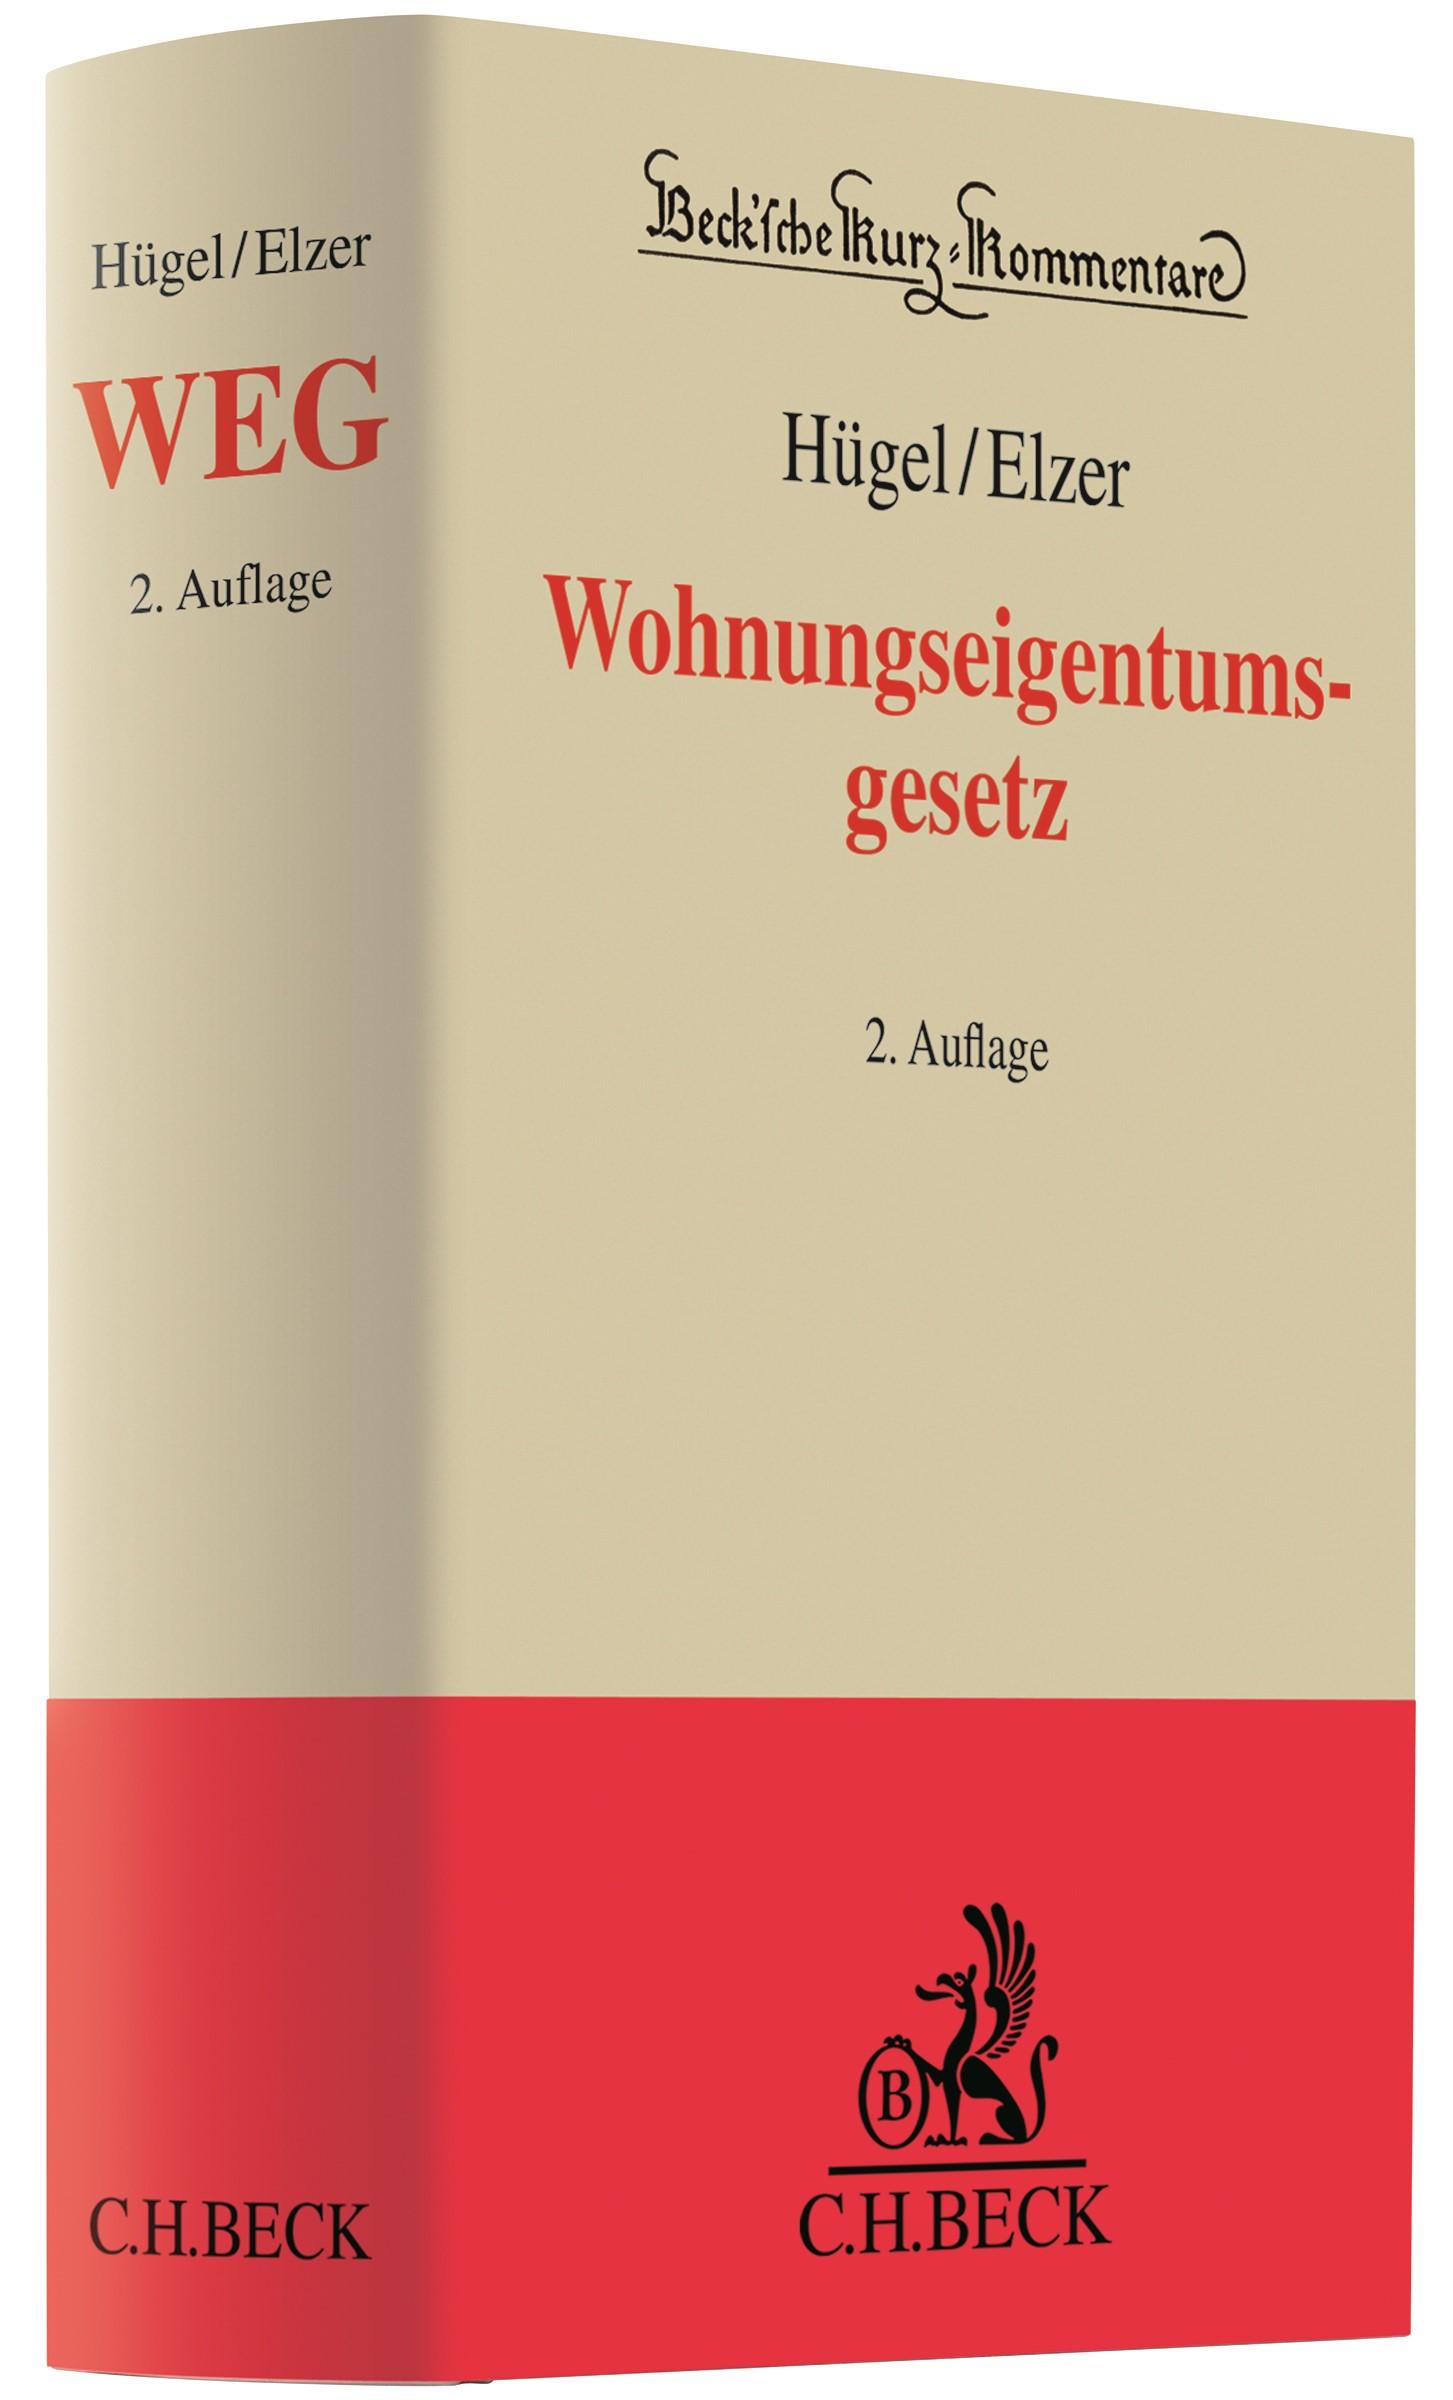 Wohnungseigentumsgesetz: WEG | Hügel / Elzer | 2. Auflage, 2017 | Buch (Cover)